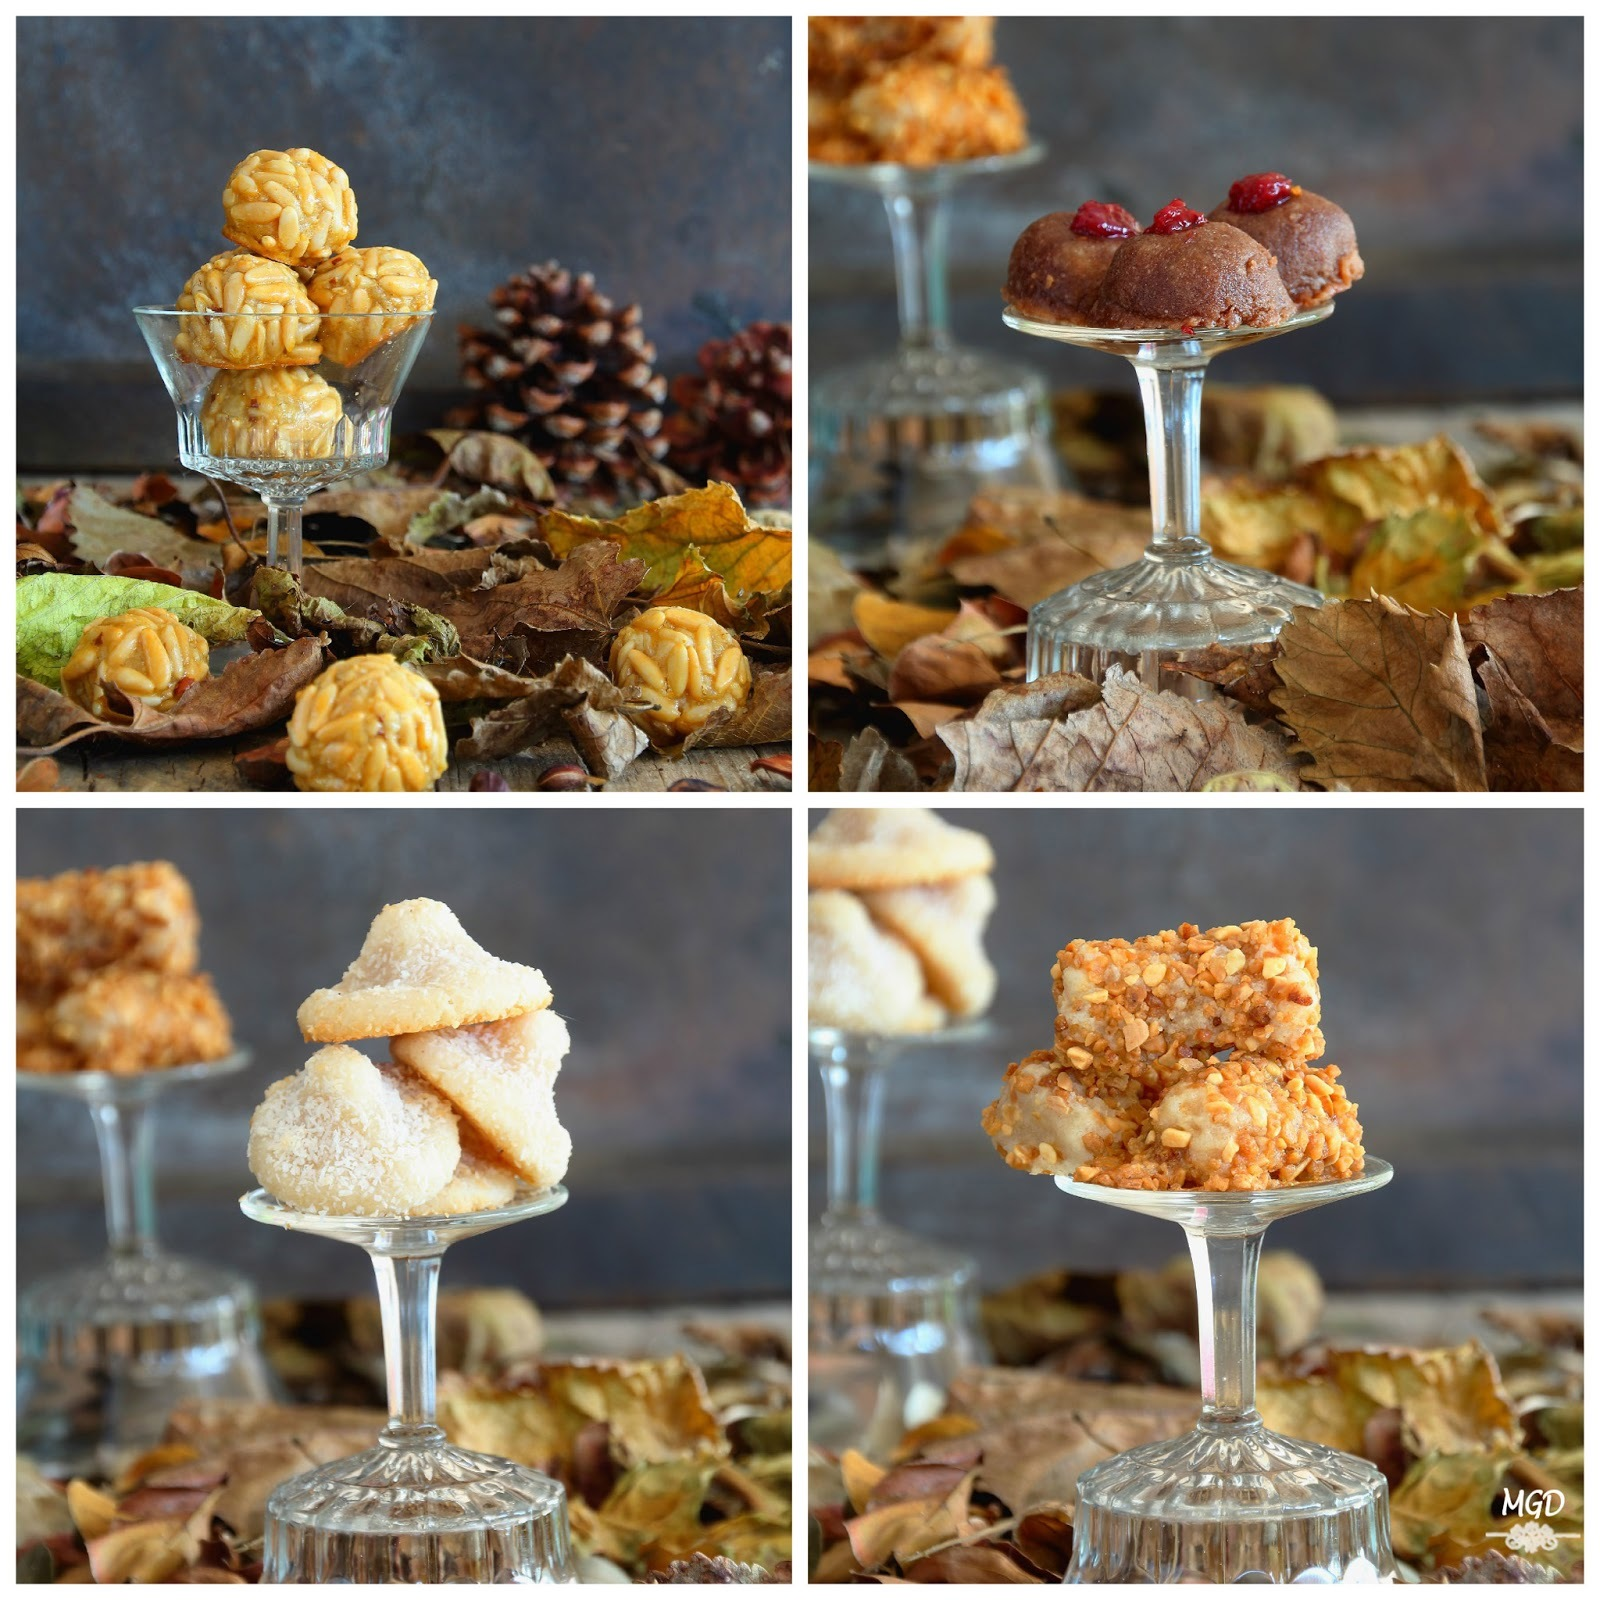 Surtido de Panellets II (Piñones, Coco, Chocolate y Almendra)